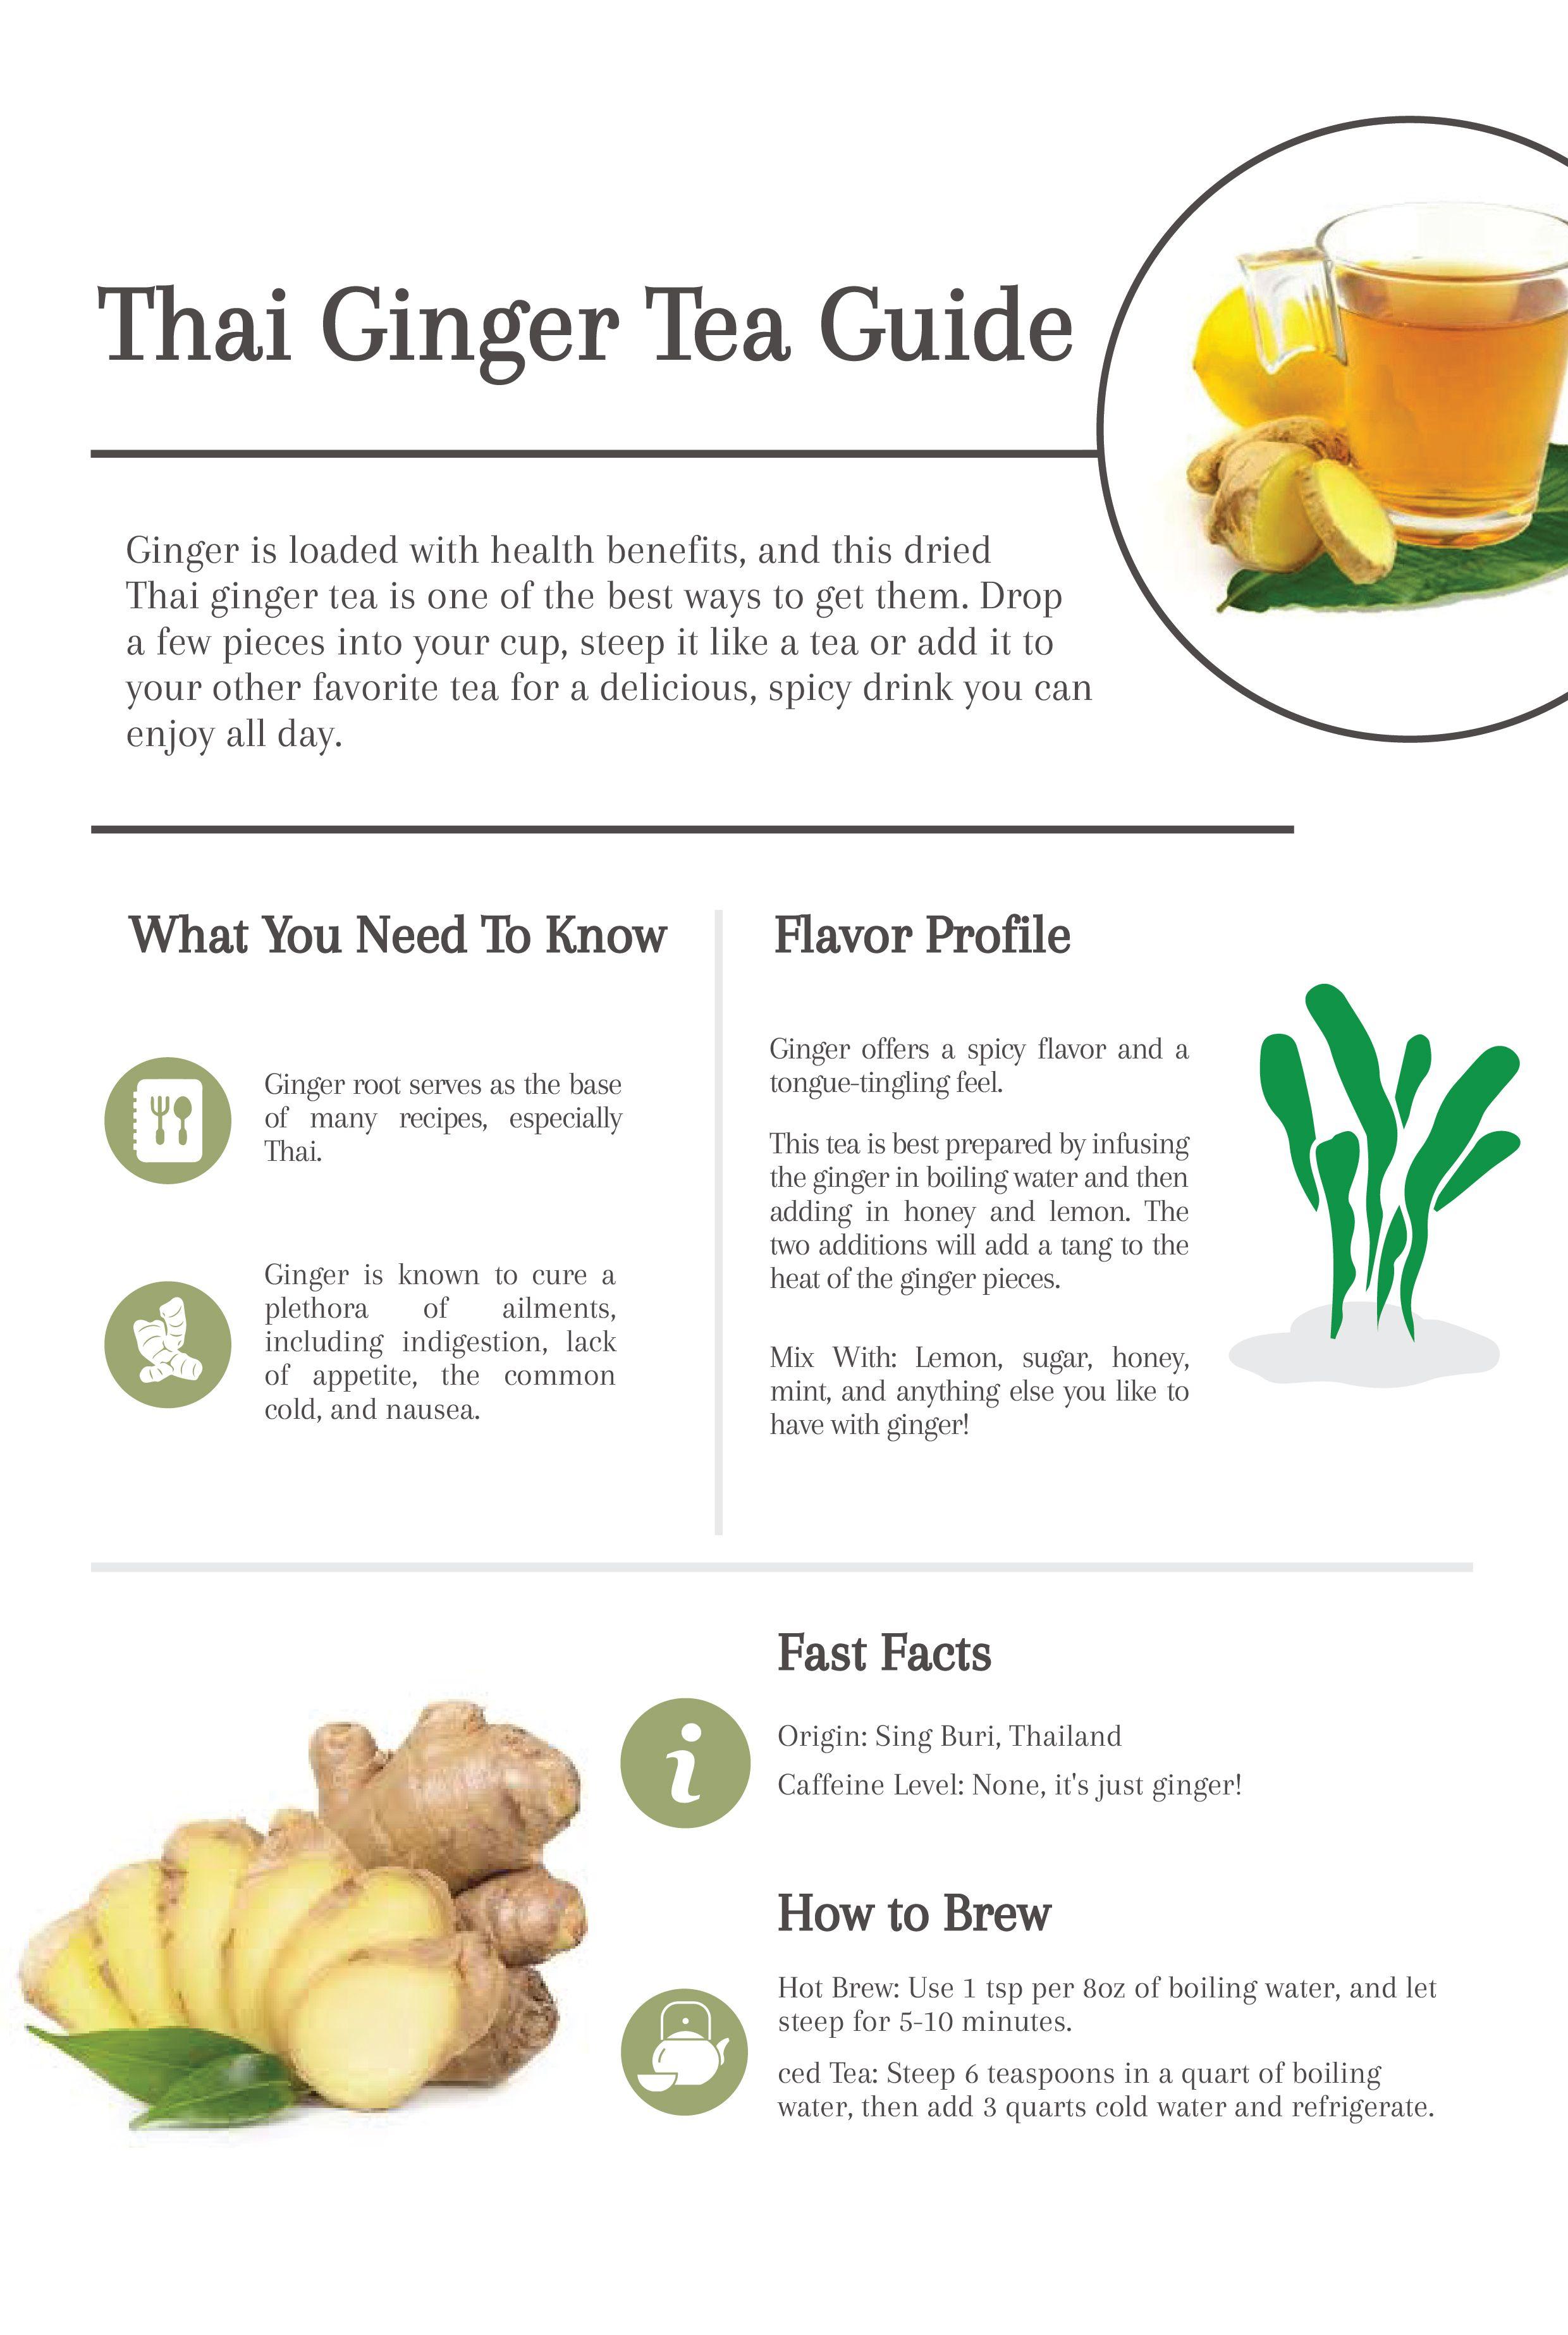 Thai Ginger Tea Cup Leaf Cup Leaf Ginger Tea Herbal Teas Recipes Ginger Tea Benefits